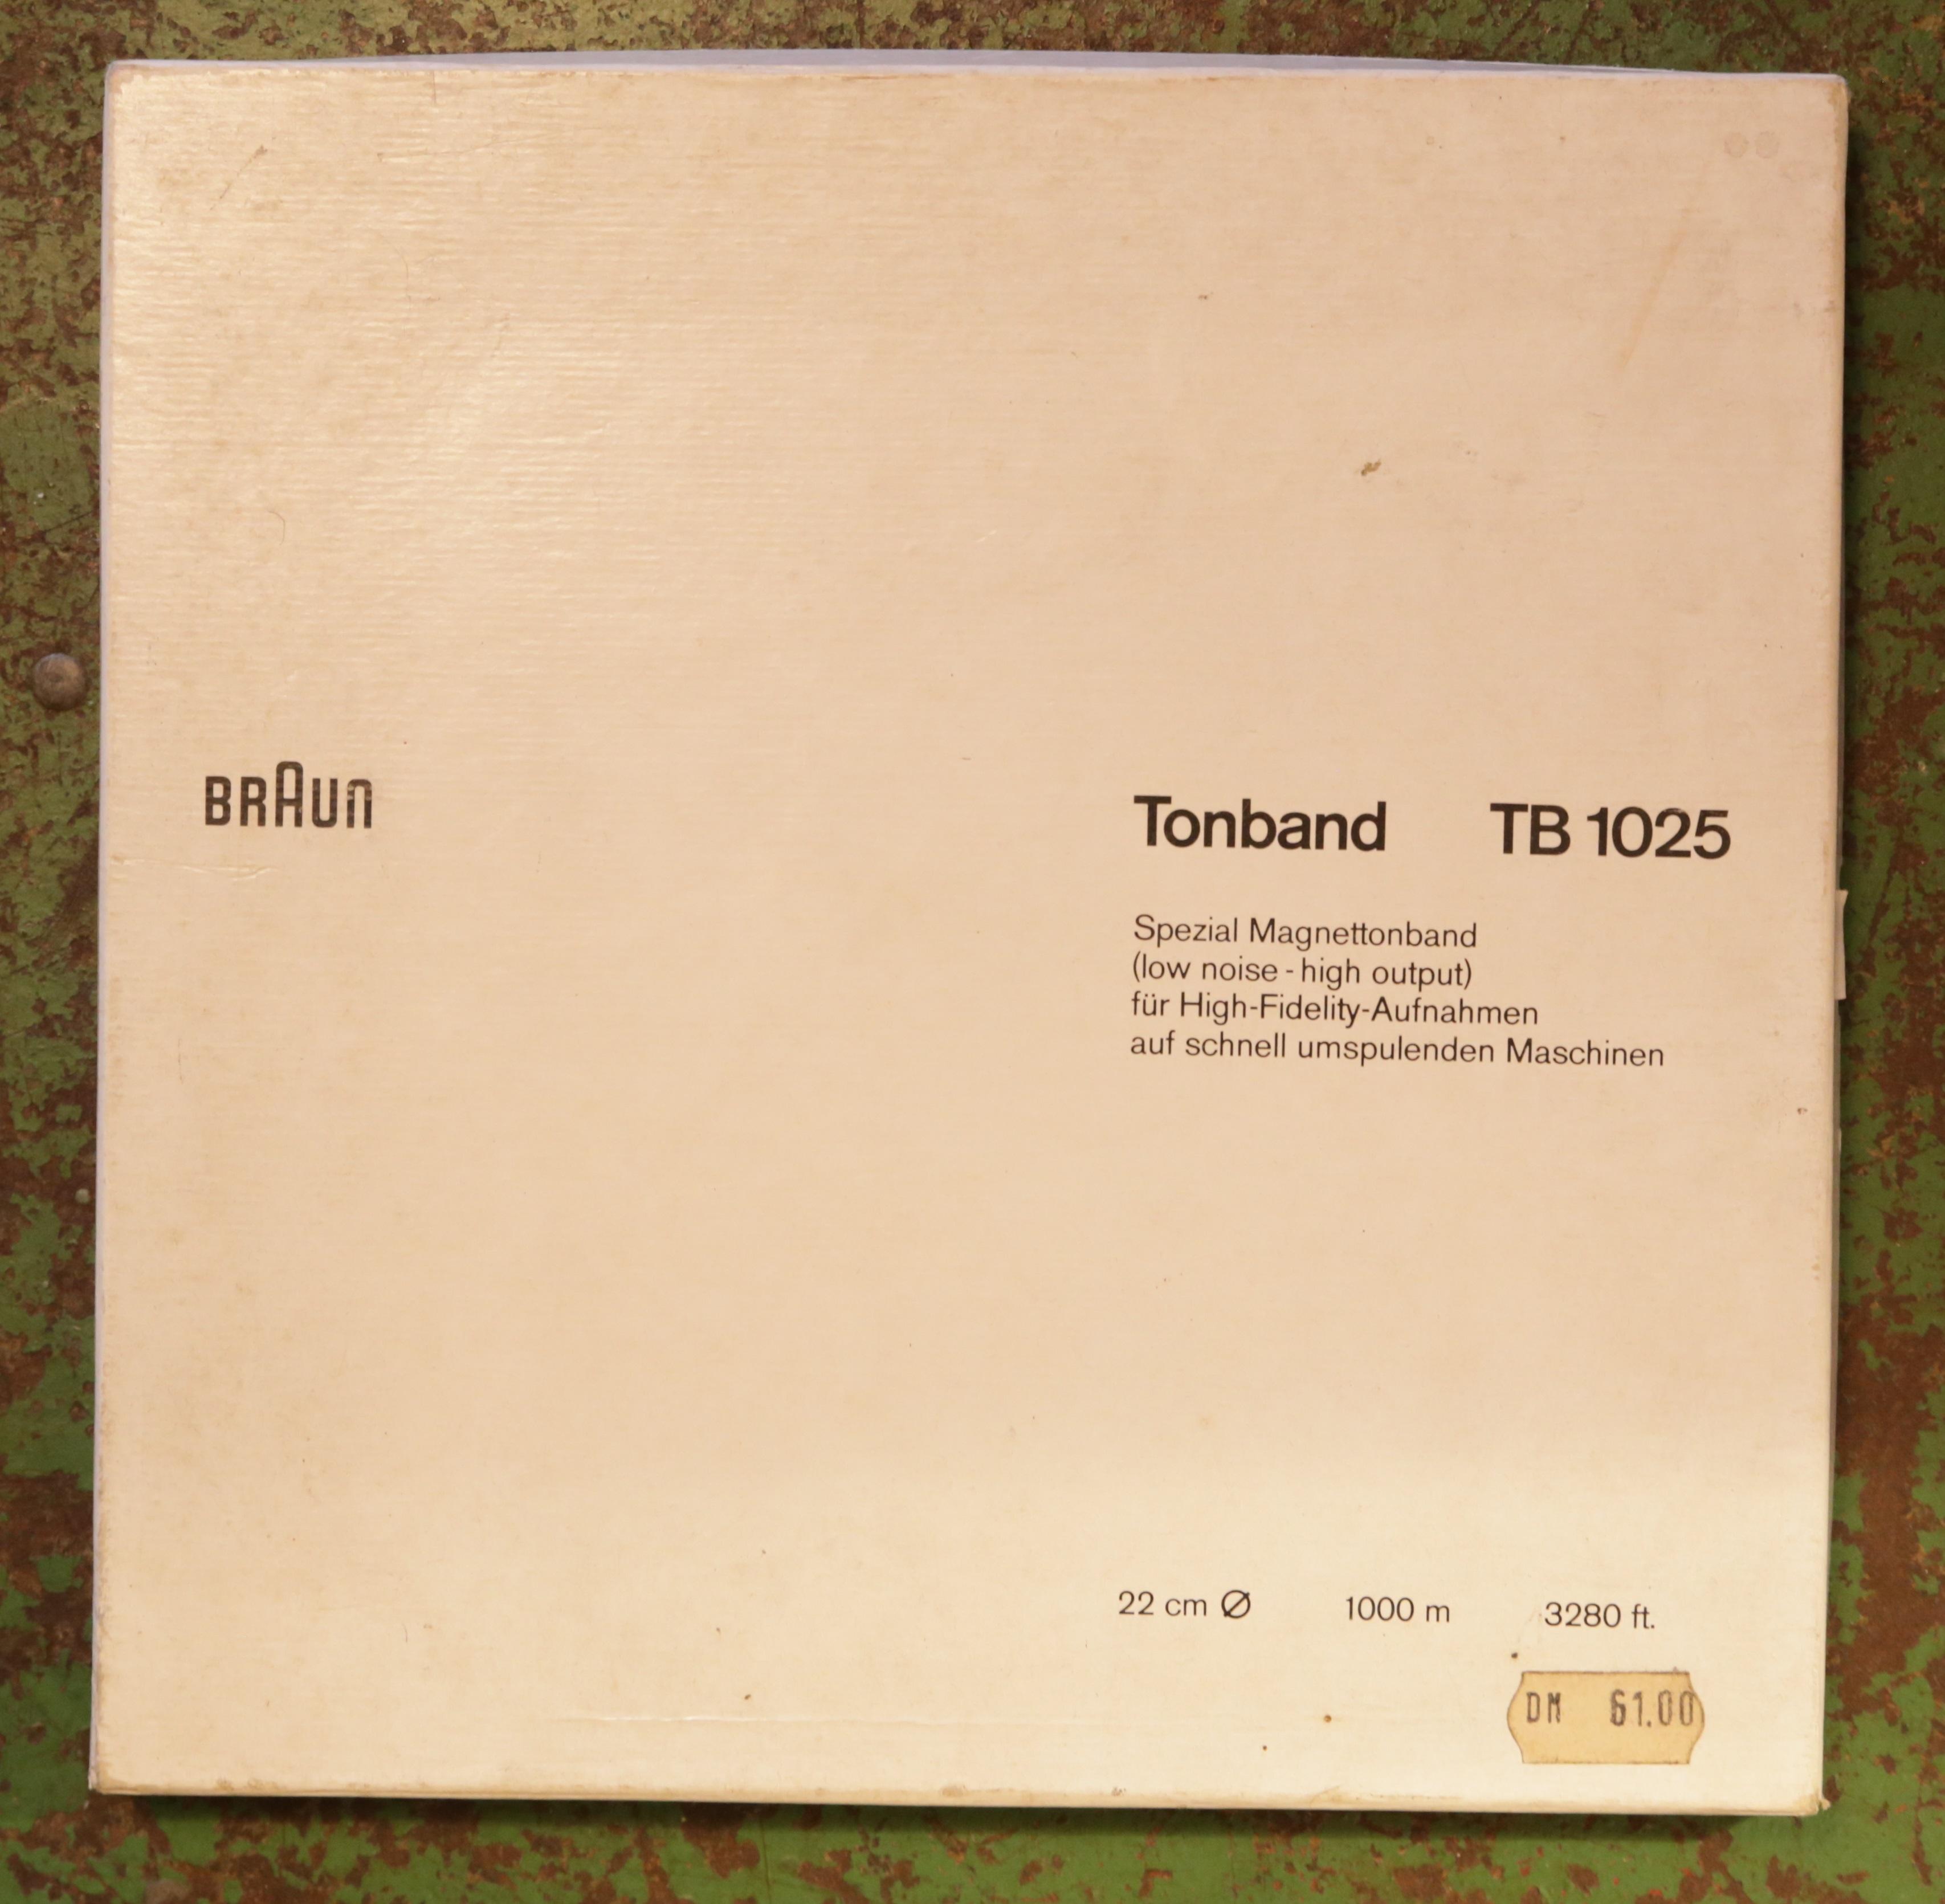 Die Verpackung des Braun TB 1025